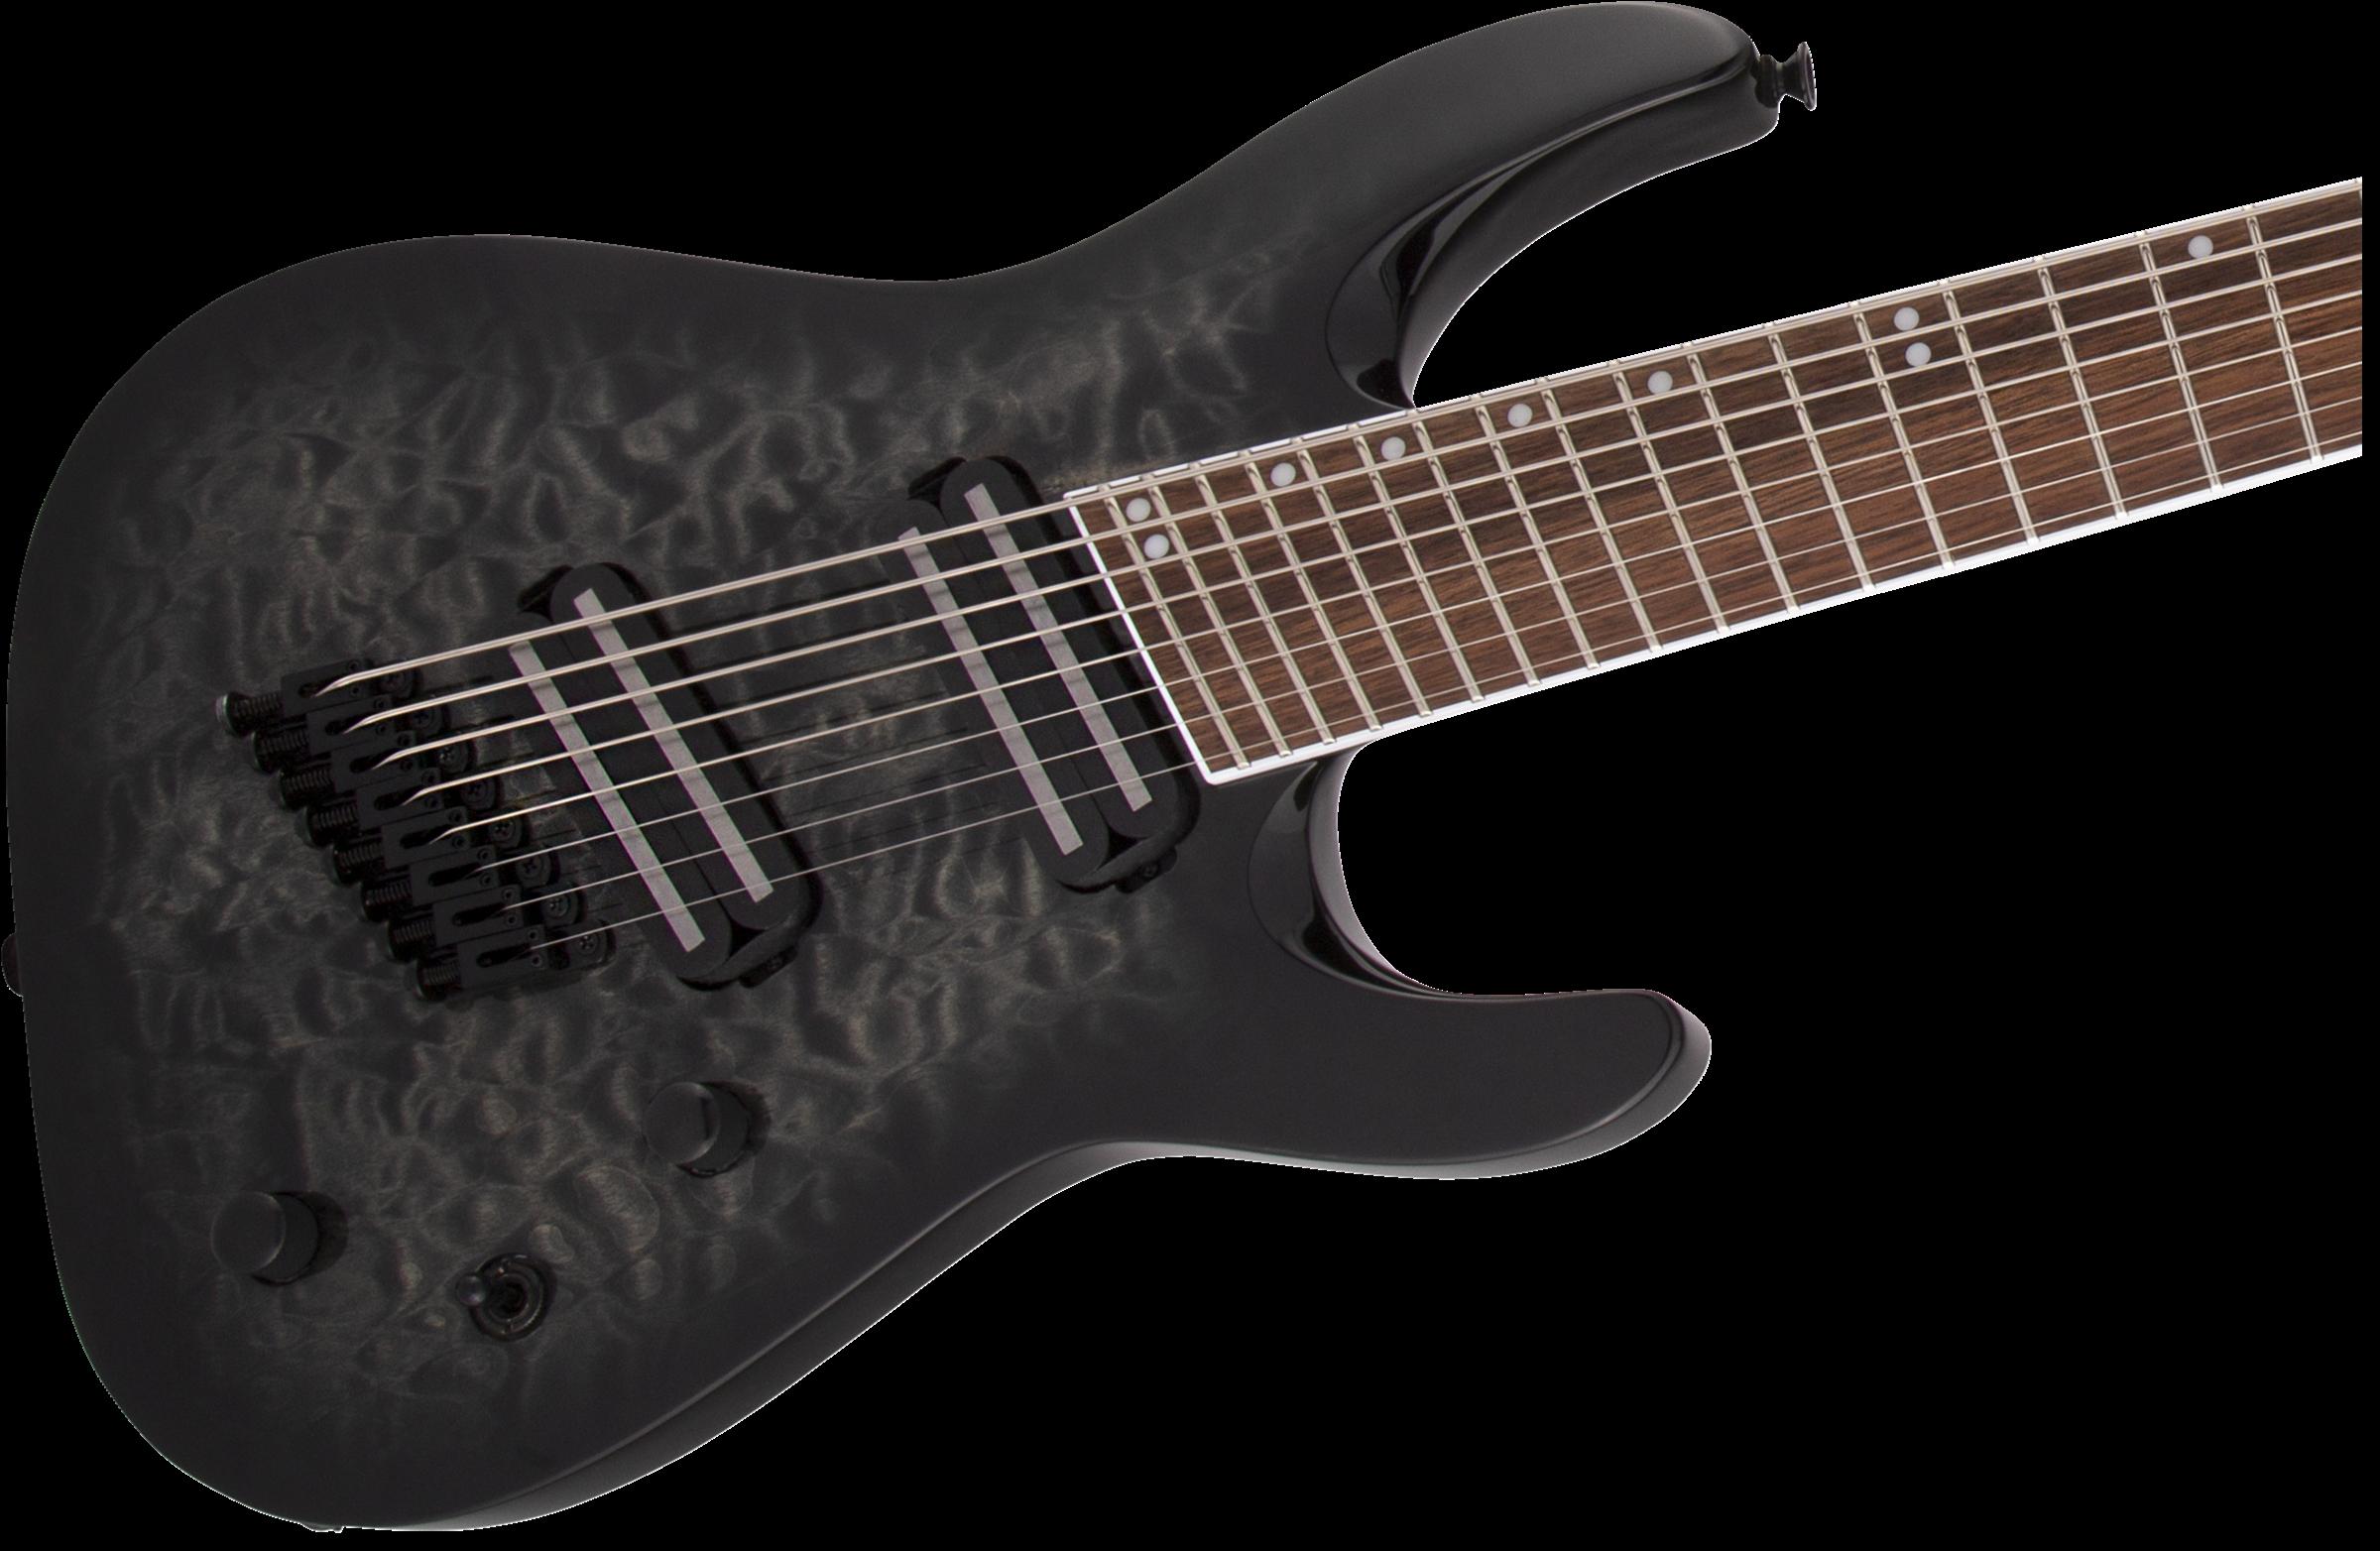 Jackson X Series Soloist™ Arch Top SLATX8Q MS, Laurel Fingerboard, Multi-Scale, Transparent Black Burst